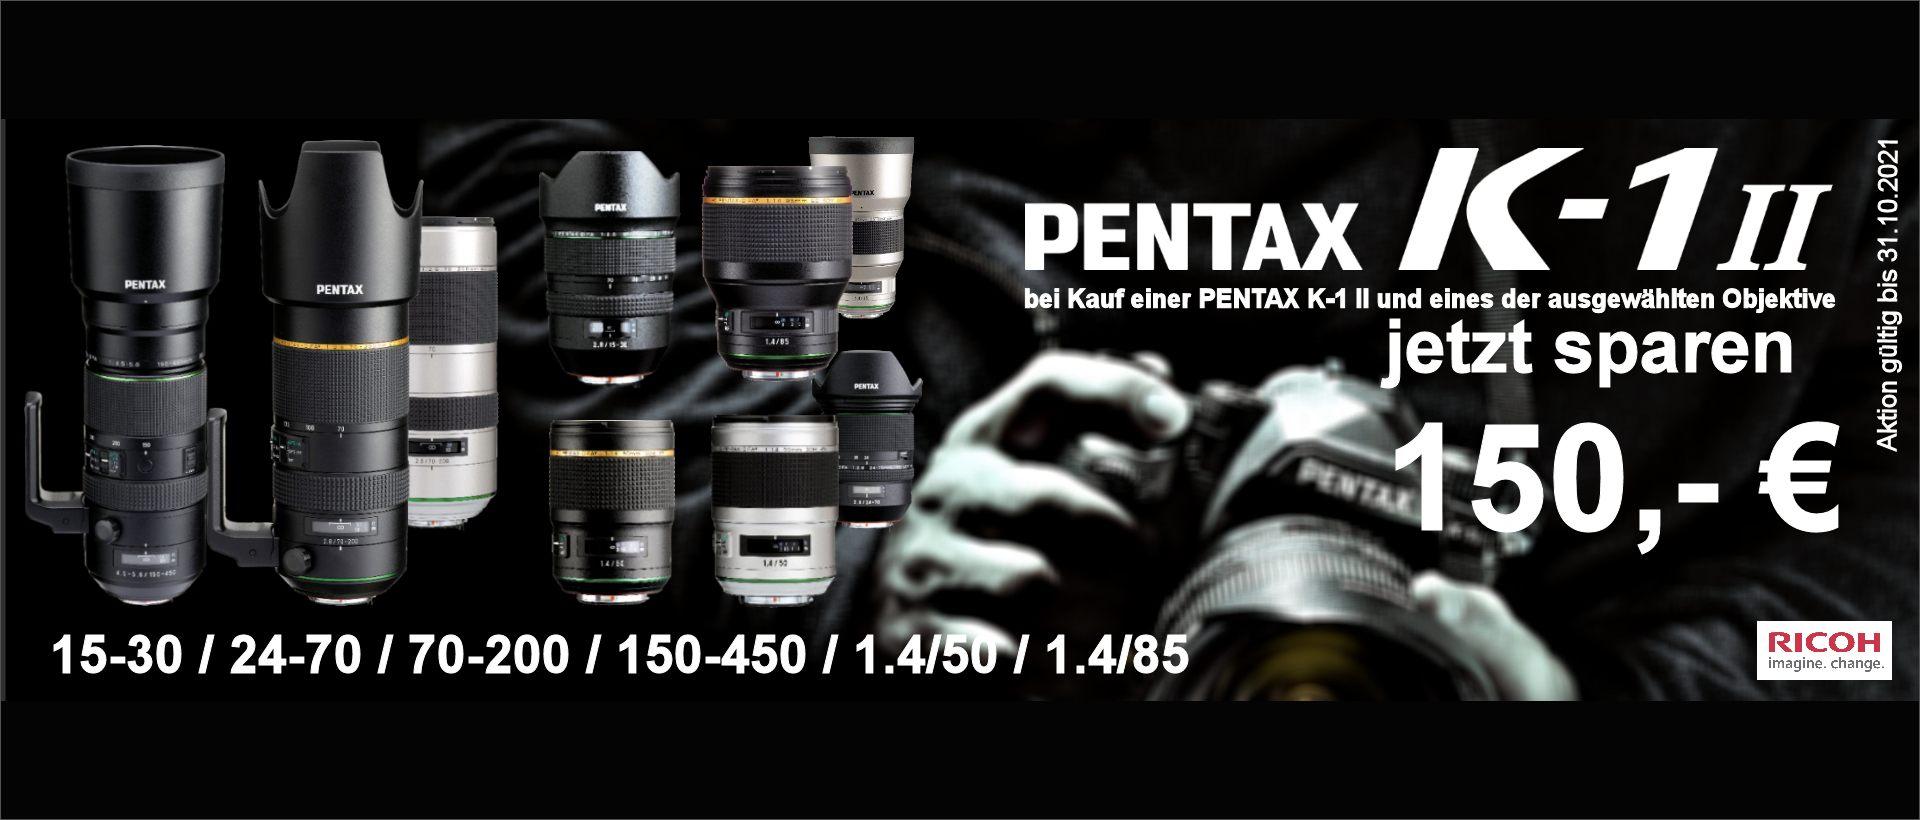 Pentax K-1 II Kombirabatt